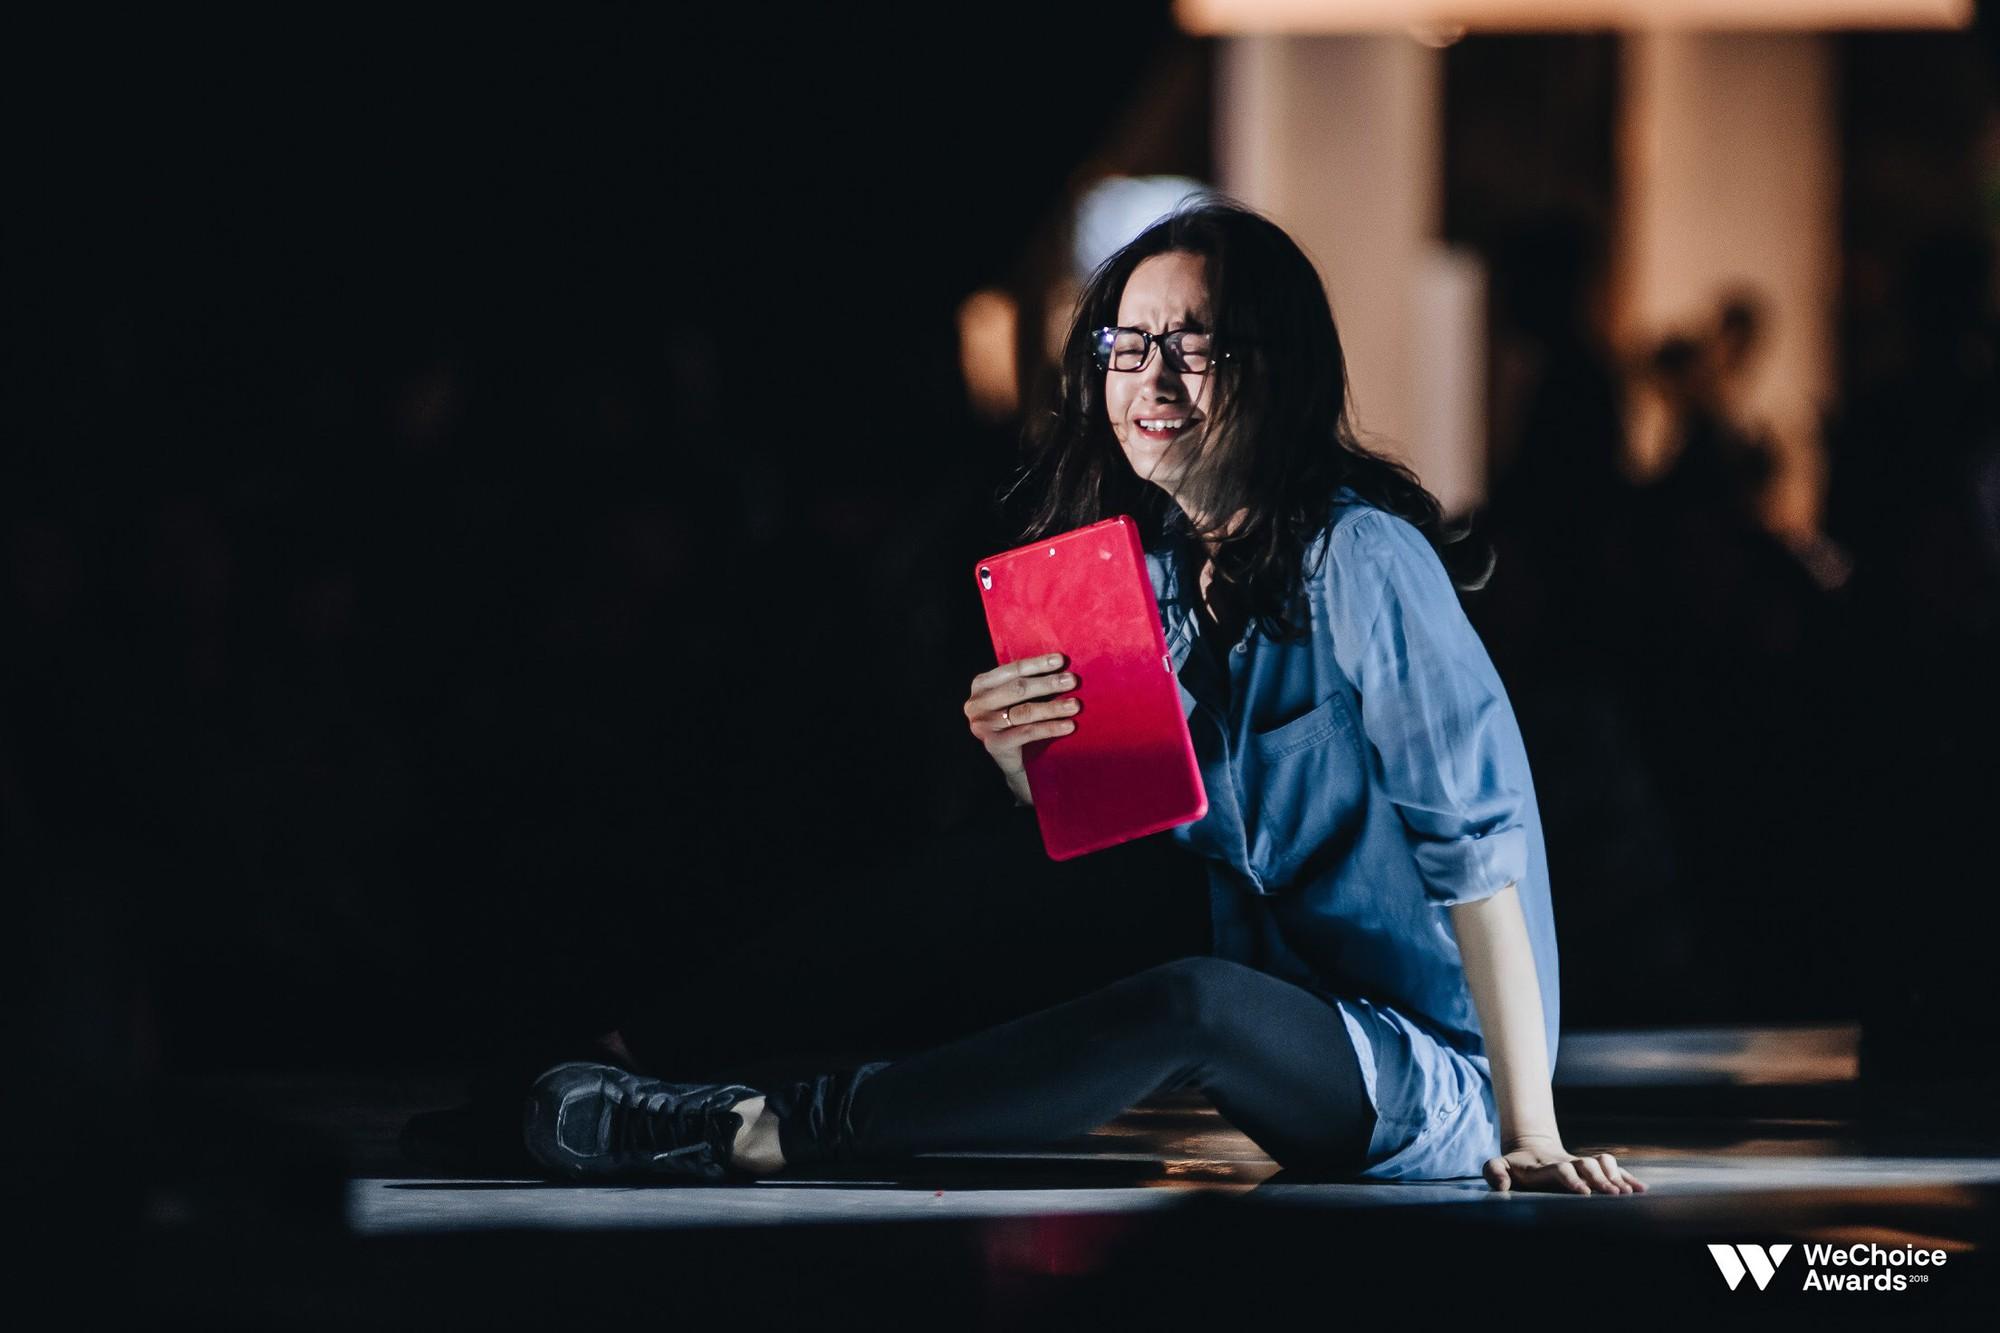 Gala WeChoice Awards 2018: Một đêm văn minh của niềm cảm hứng đẹp đẽ và những khán giả dõi theo đến tận phút cuối cùng - Ảnh 18.